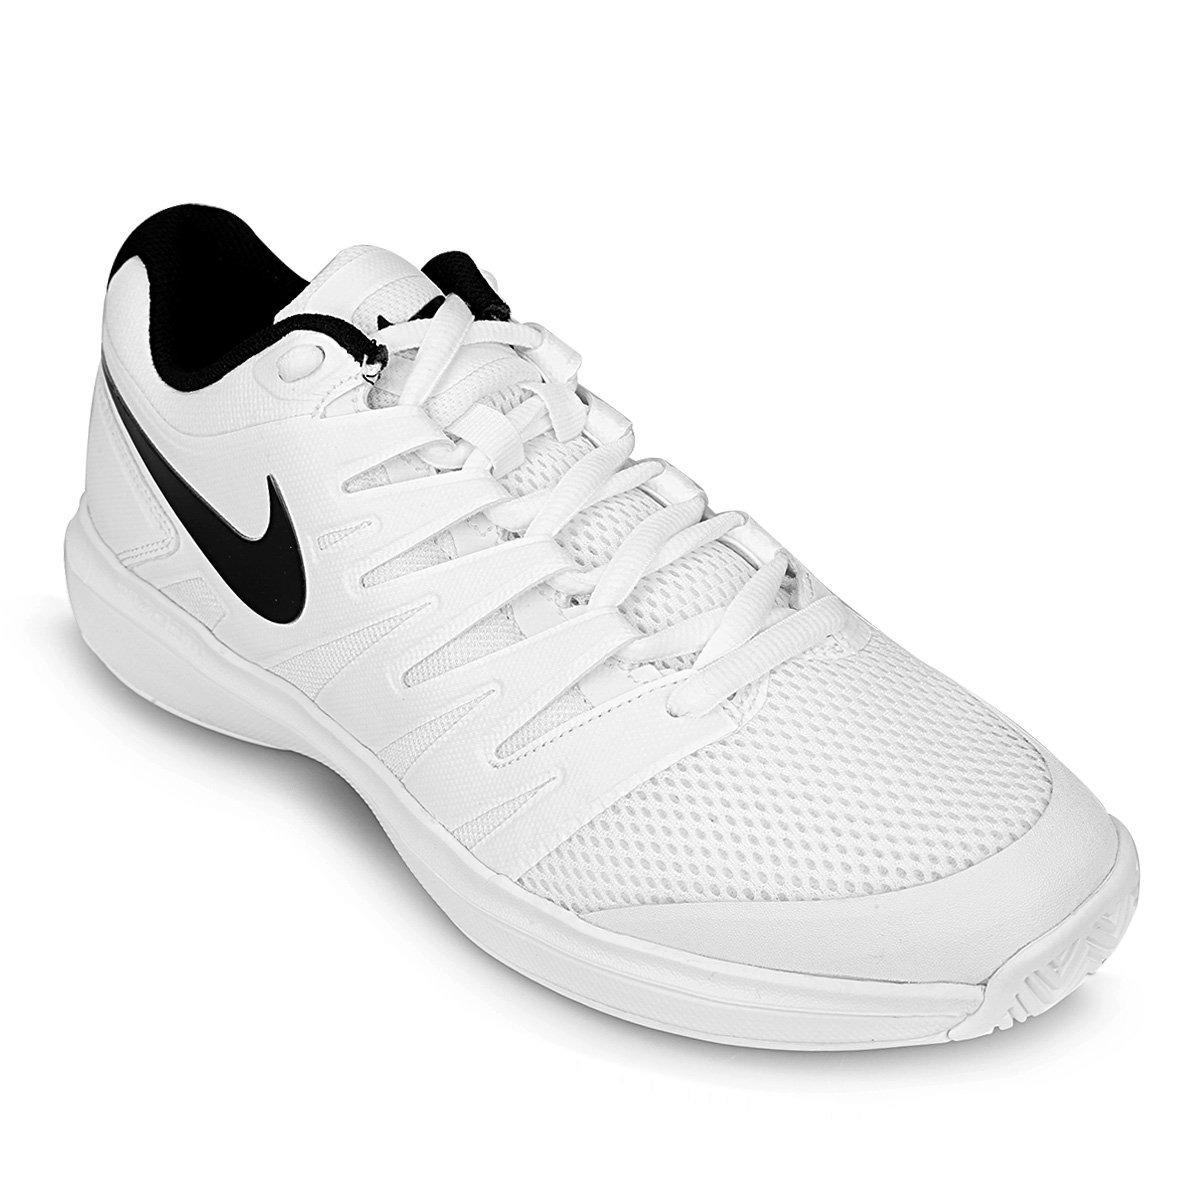 afade86ec8b zapatillas nike air zoom prestige - hombre - blancas tenis. Cargando zoom.